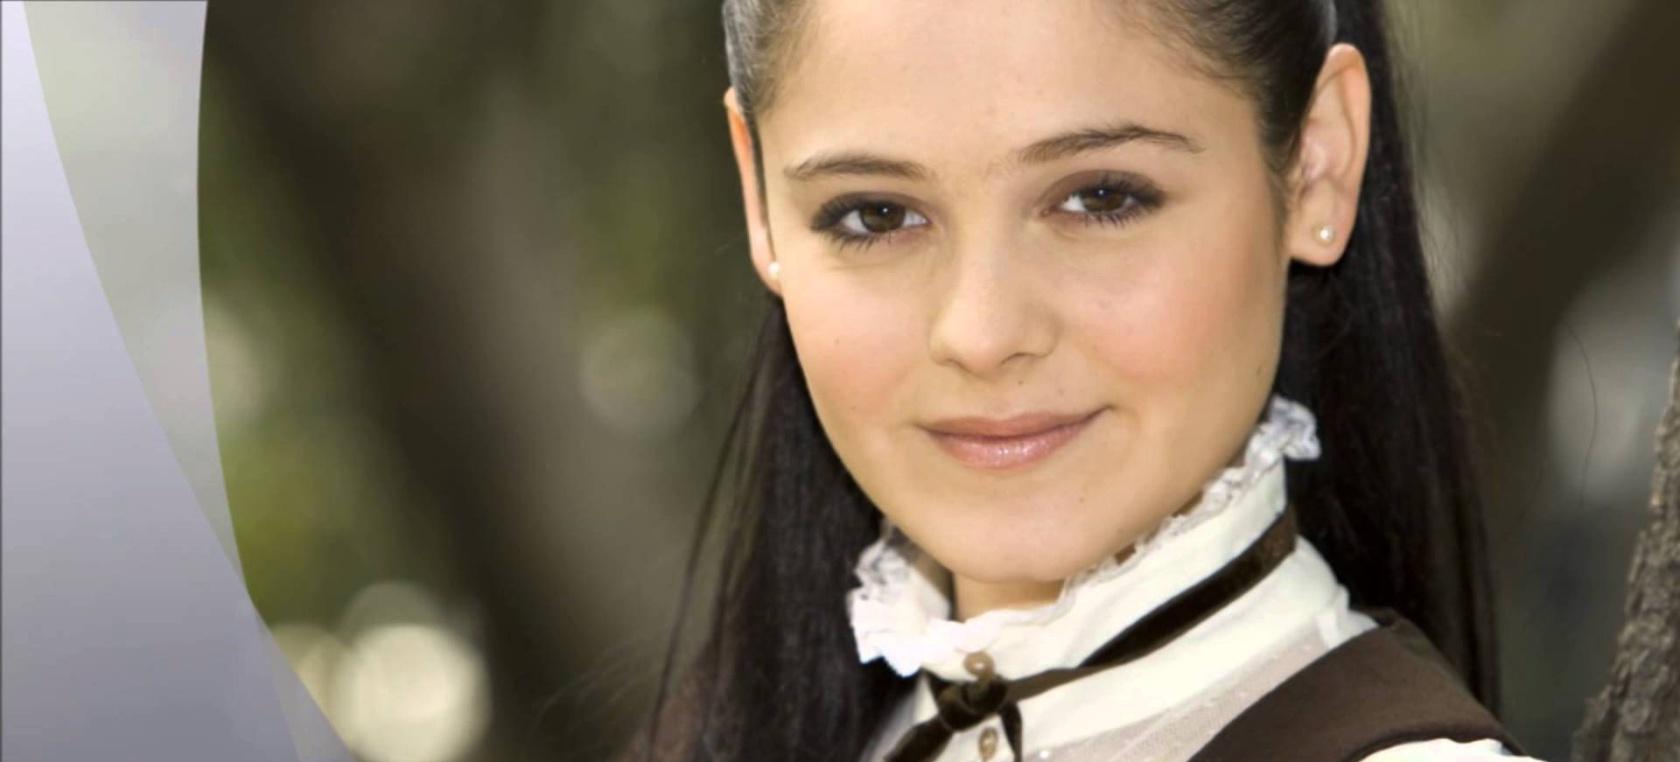 Allisson Lozano la actriz de rebelde que cambió la fama por su religión